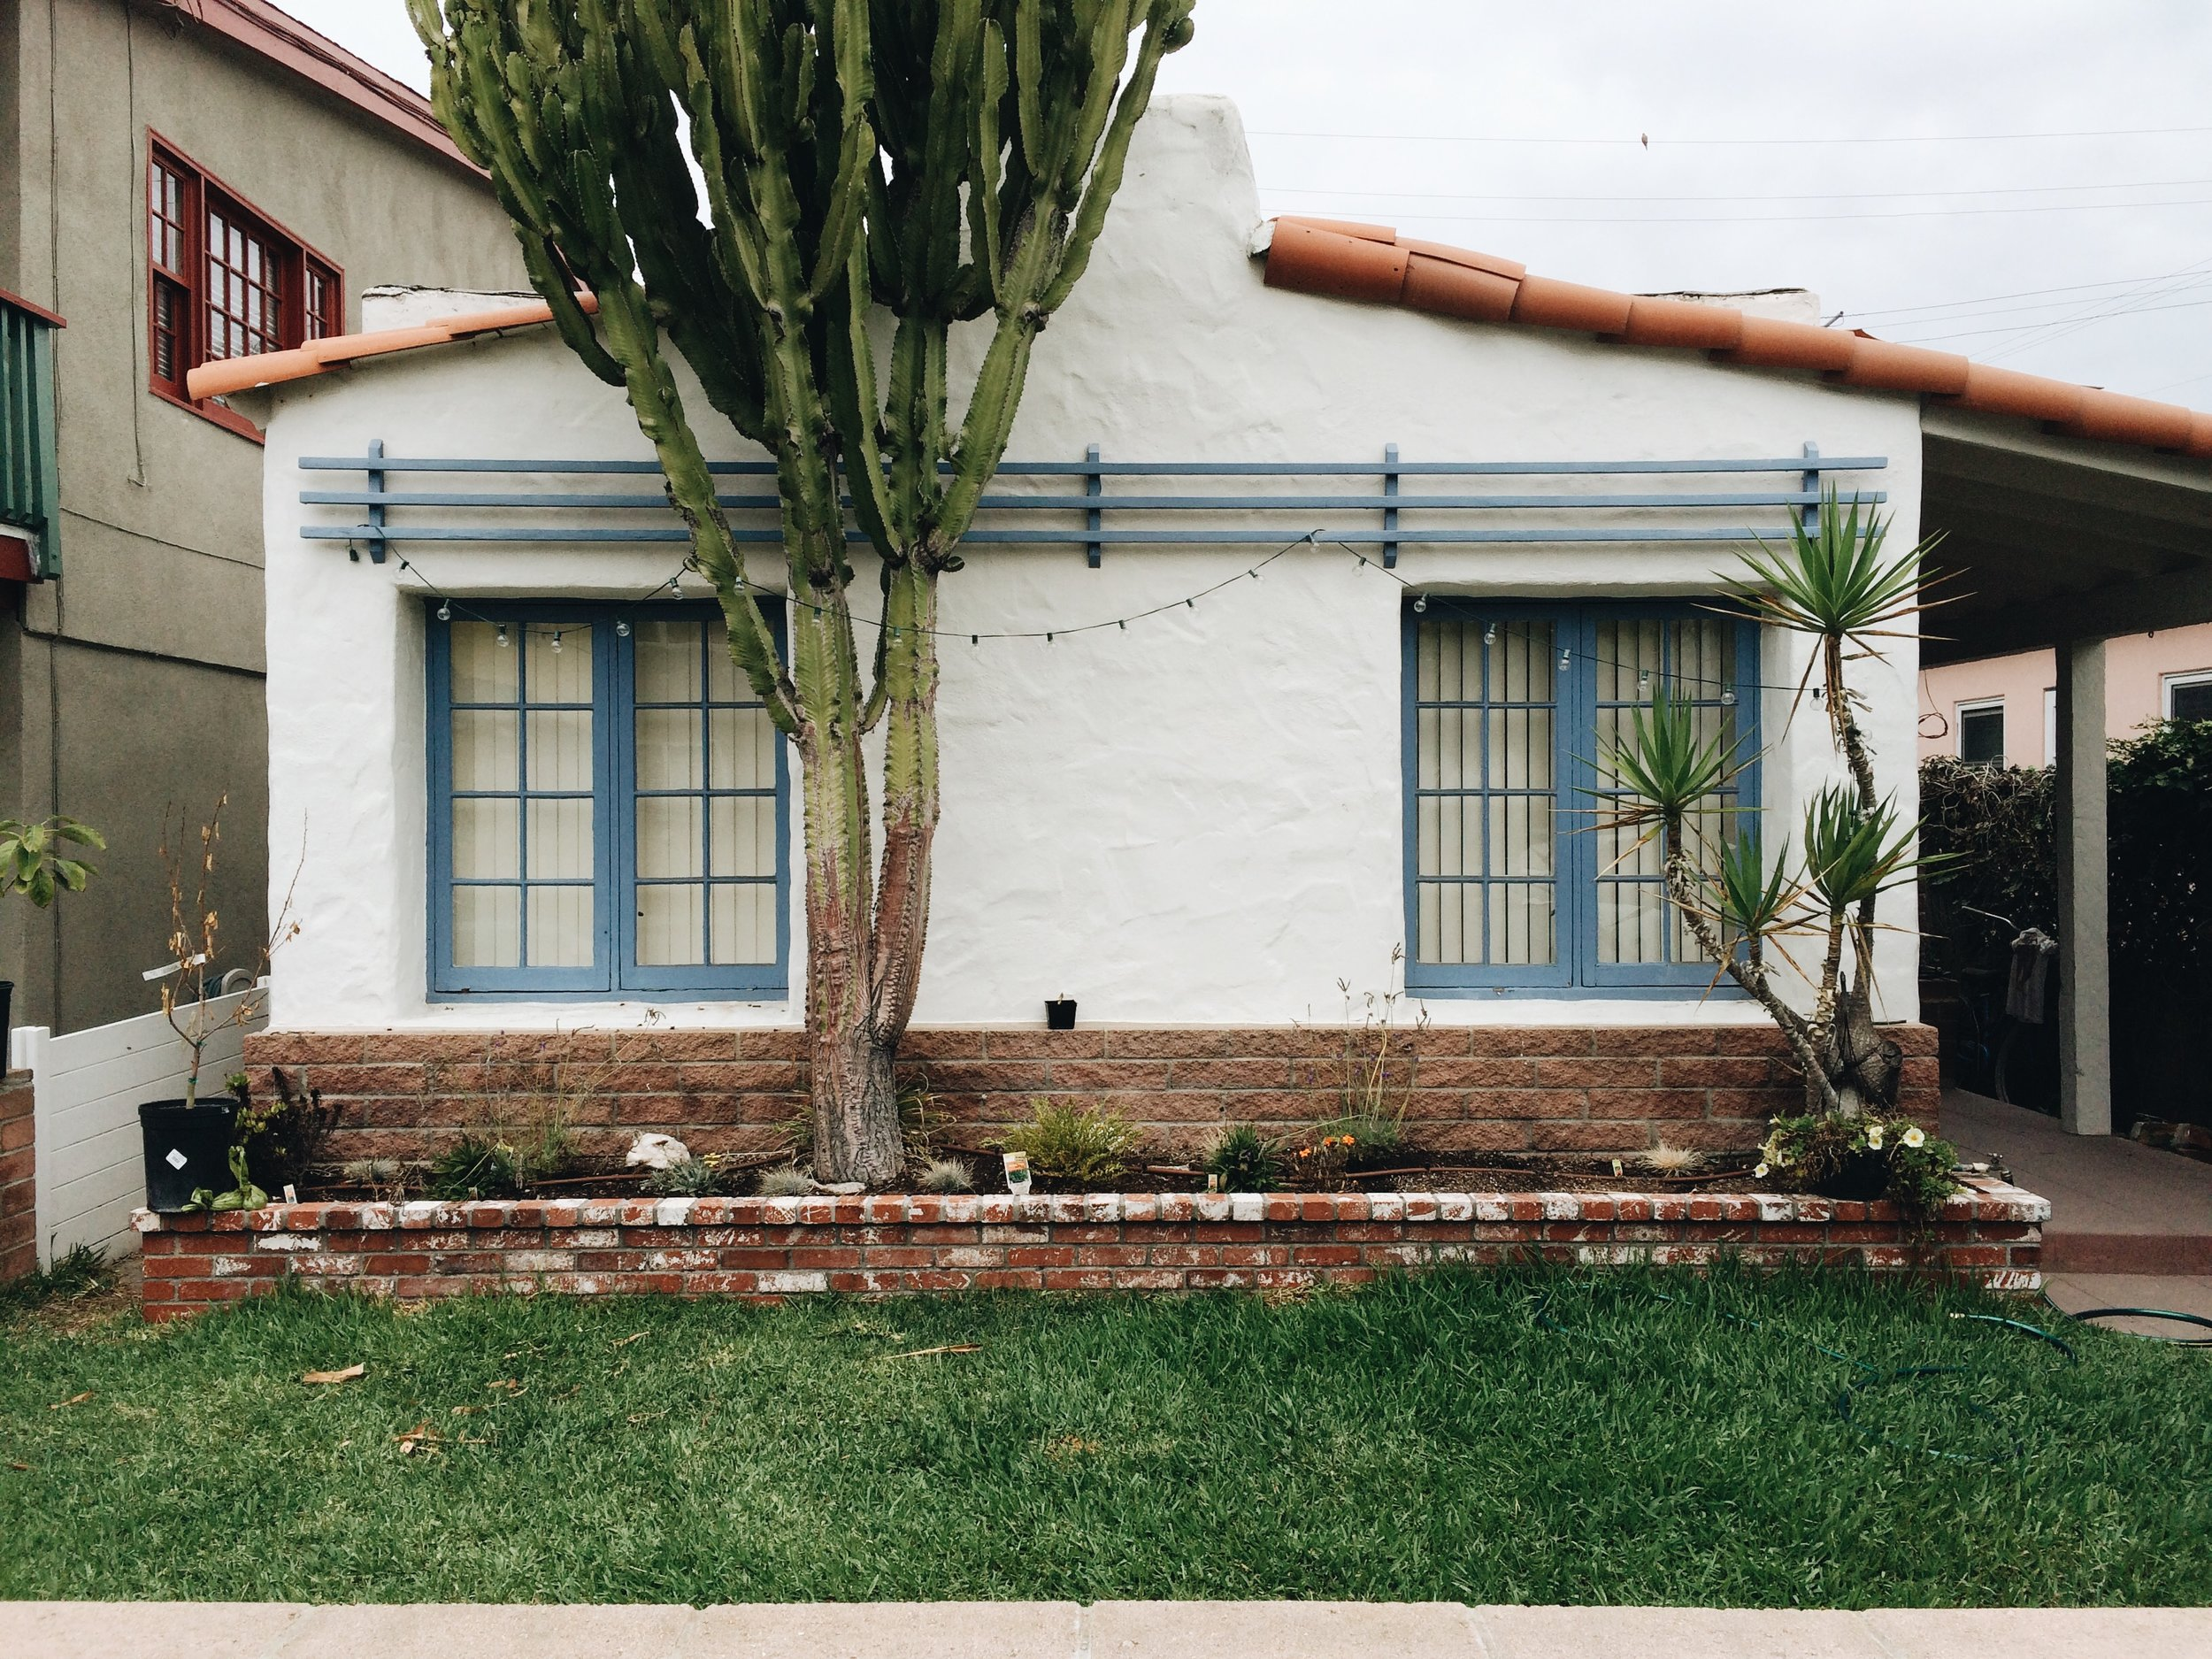 San Luis Rey Place